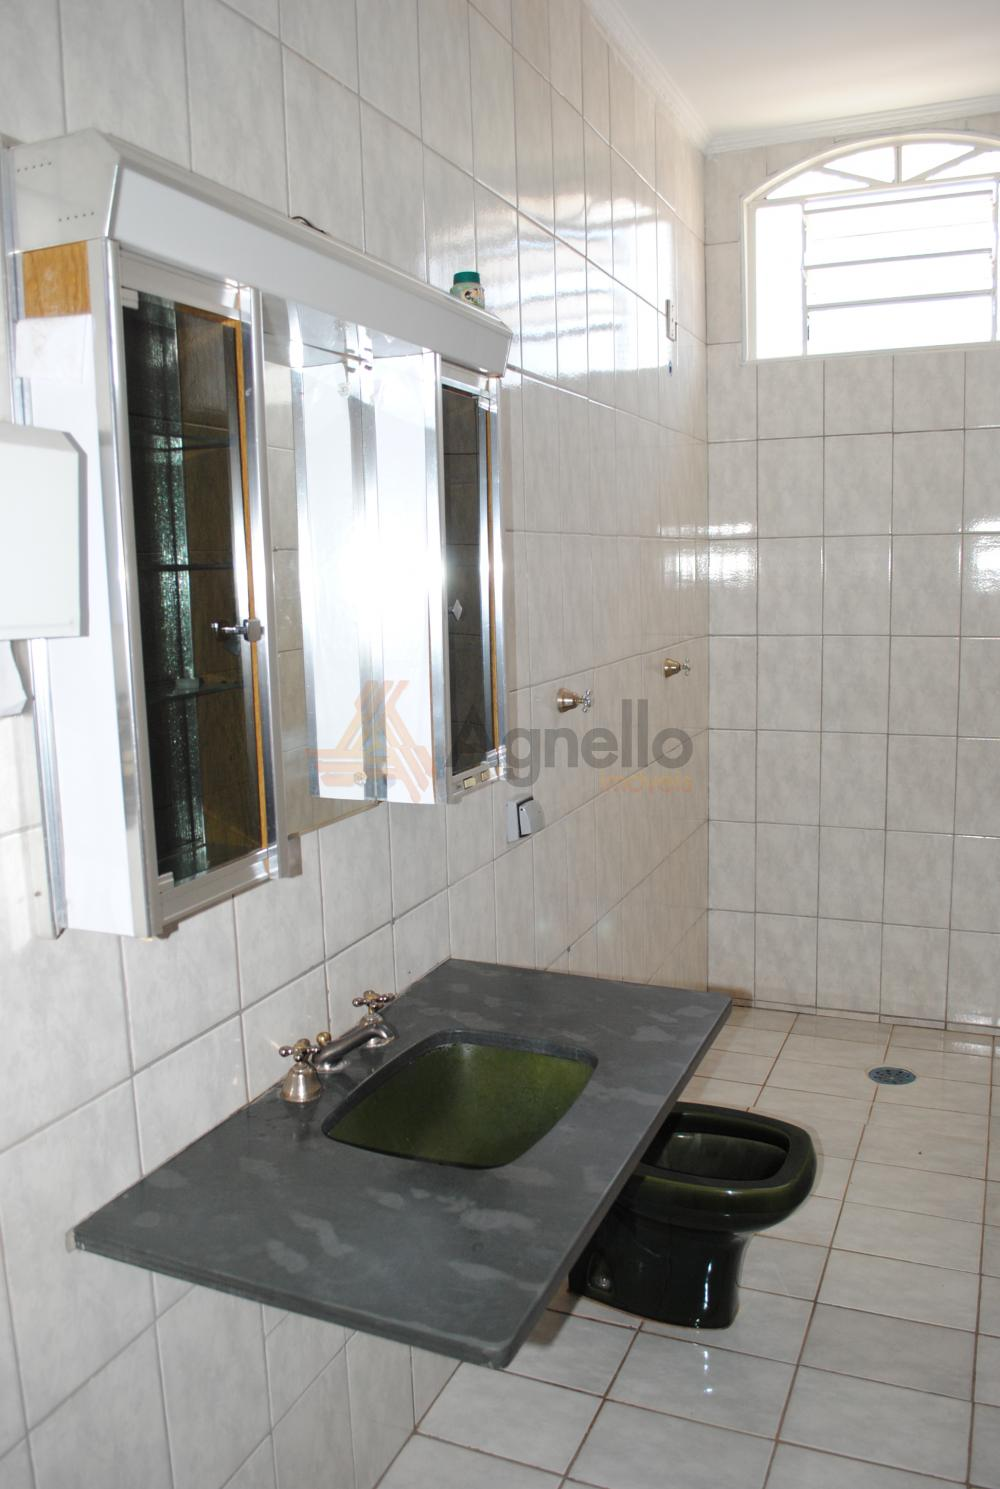 Comprar Casa / Comercial em Franca apenas R$ 420.000,00 - Foto 8